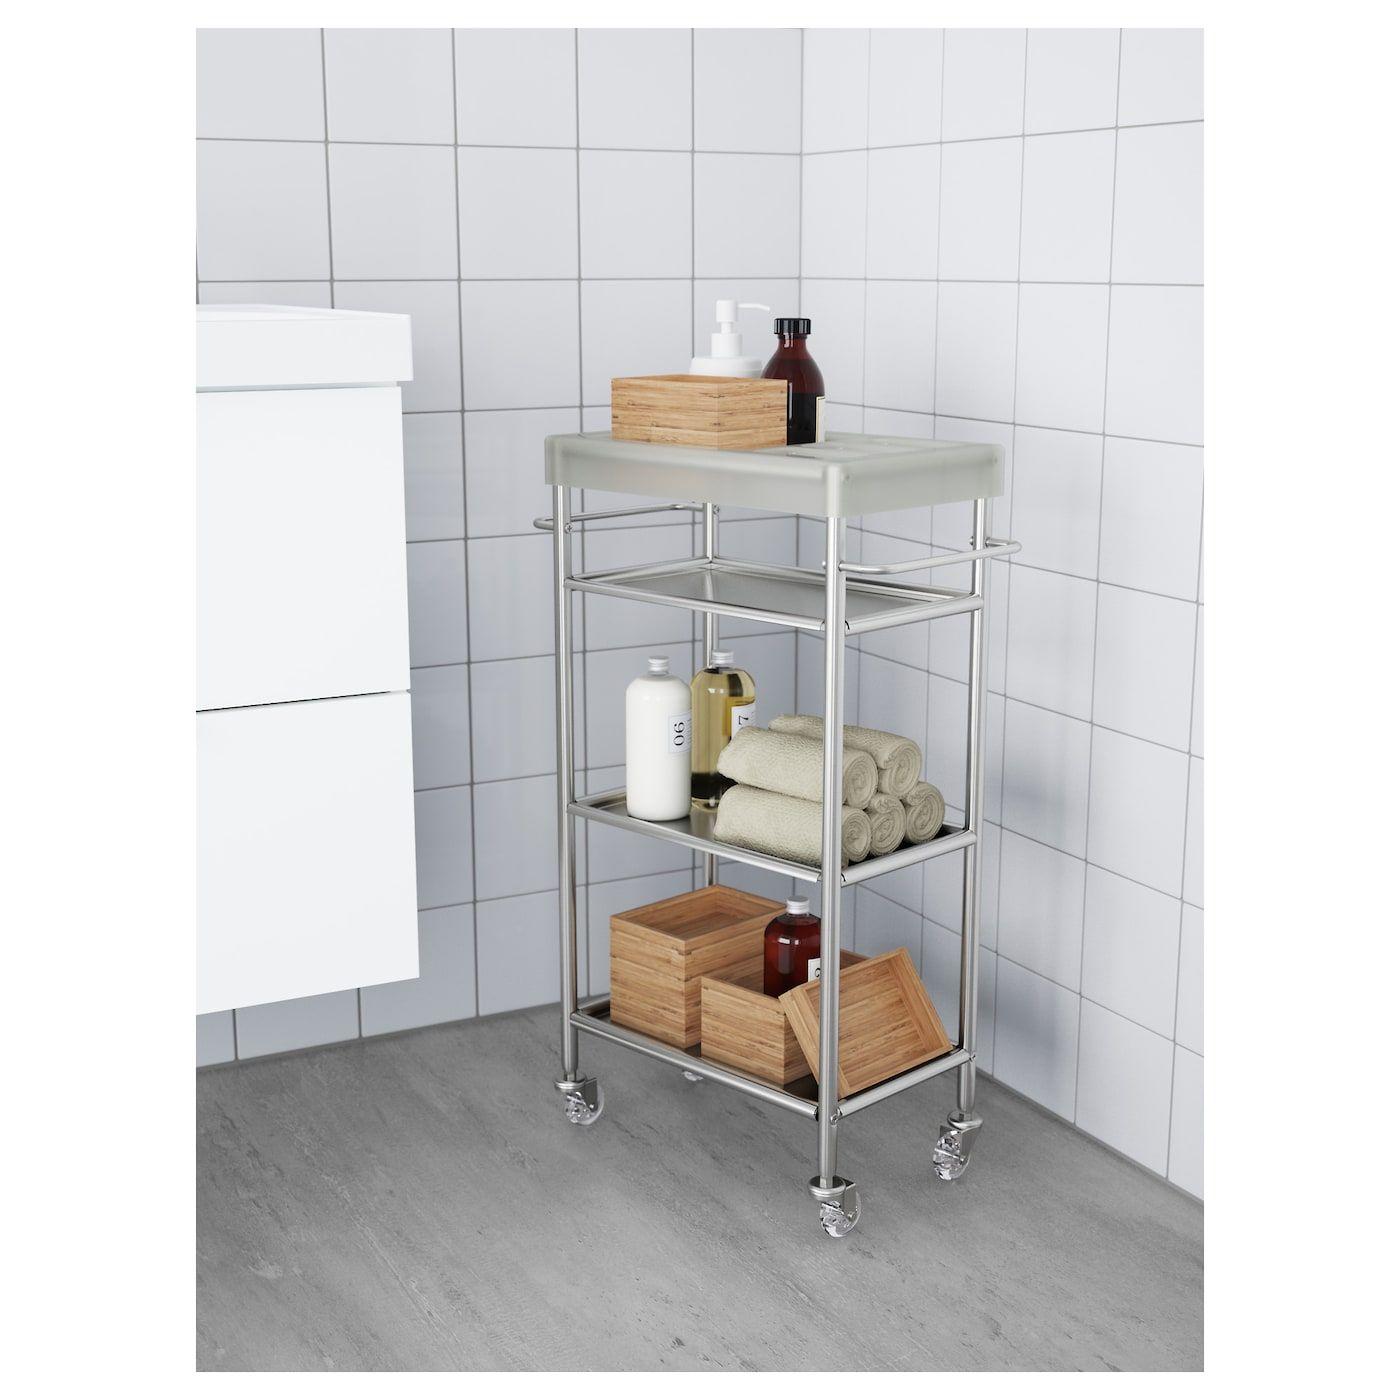 Grundtal Cart Stainless Steel 18 7 8x9 1 2x30 3 8 Ikea Acier Inox Ikea Inox